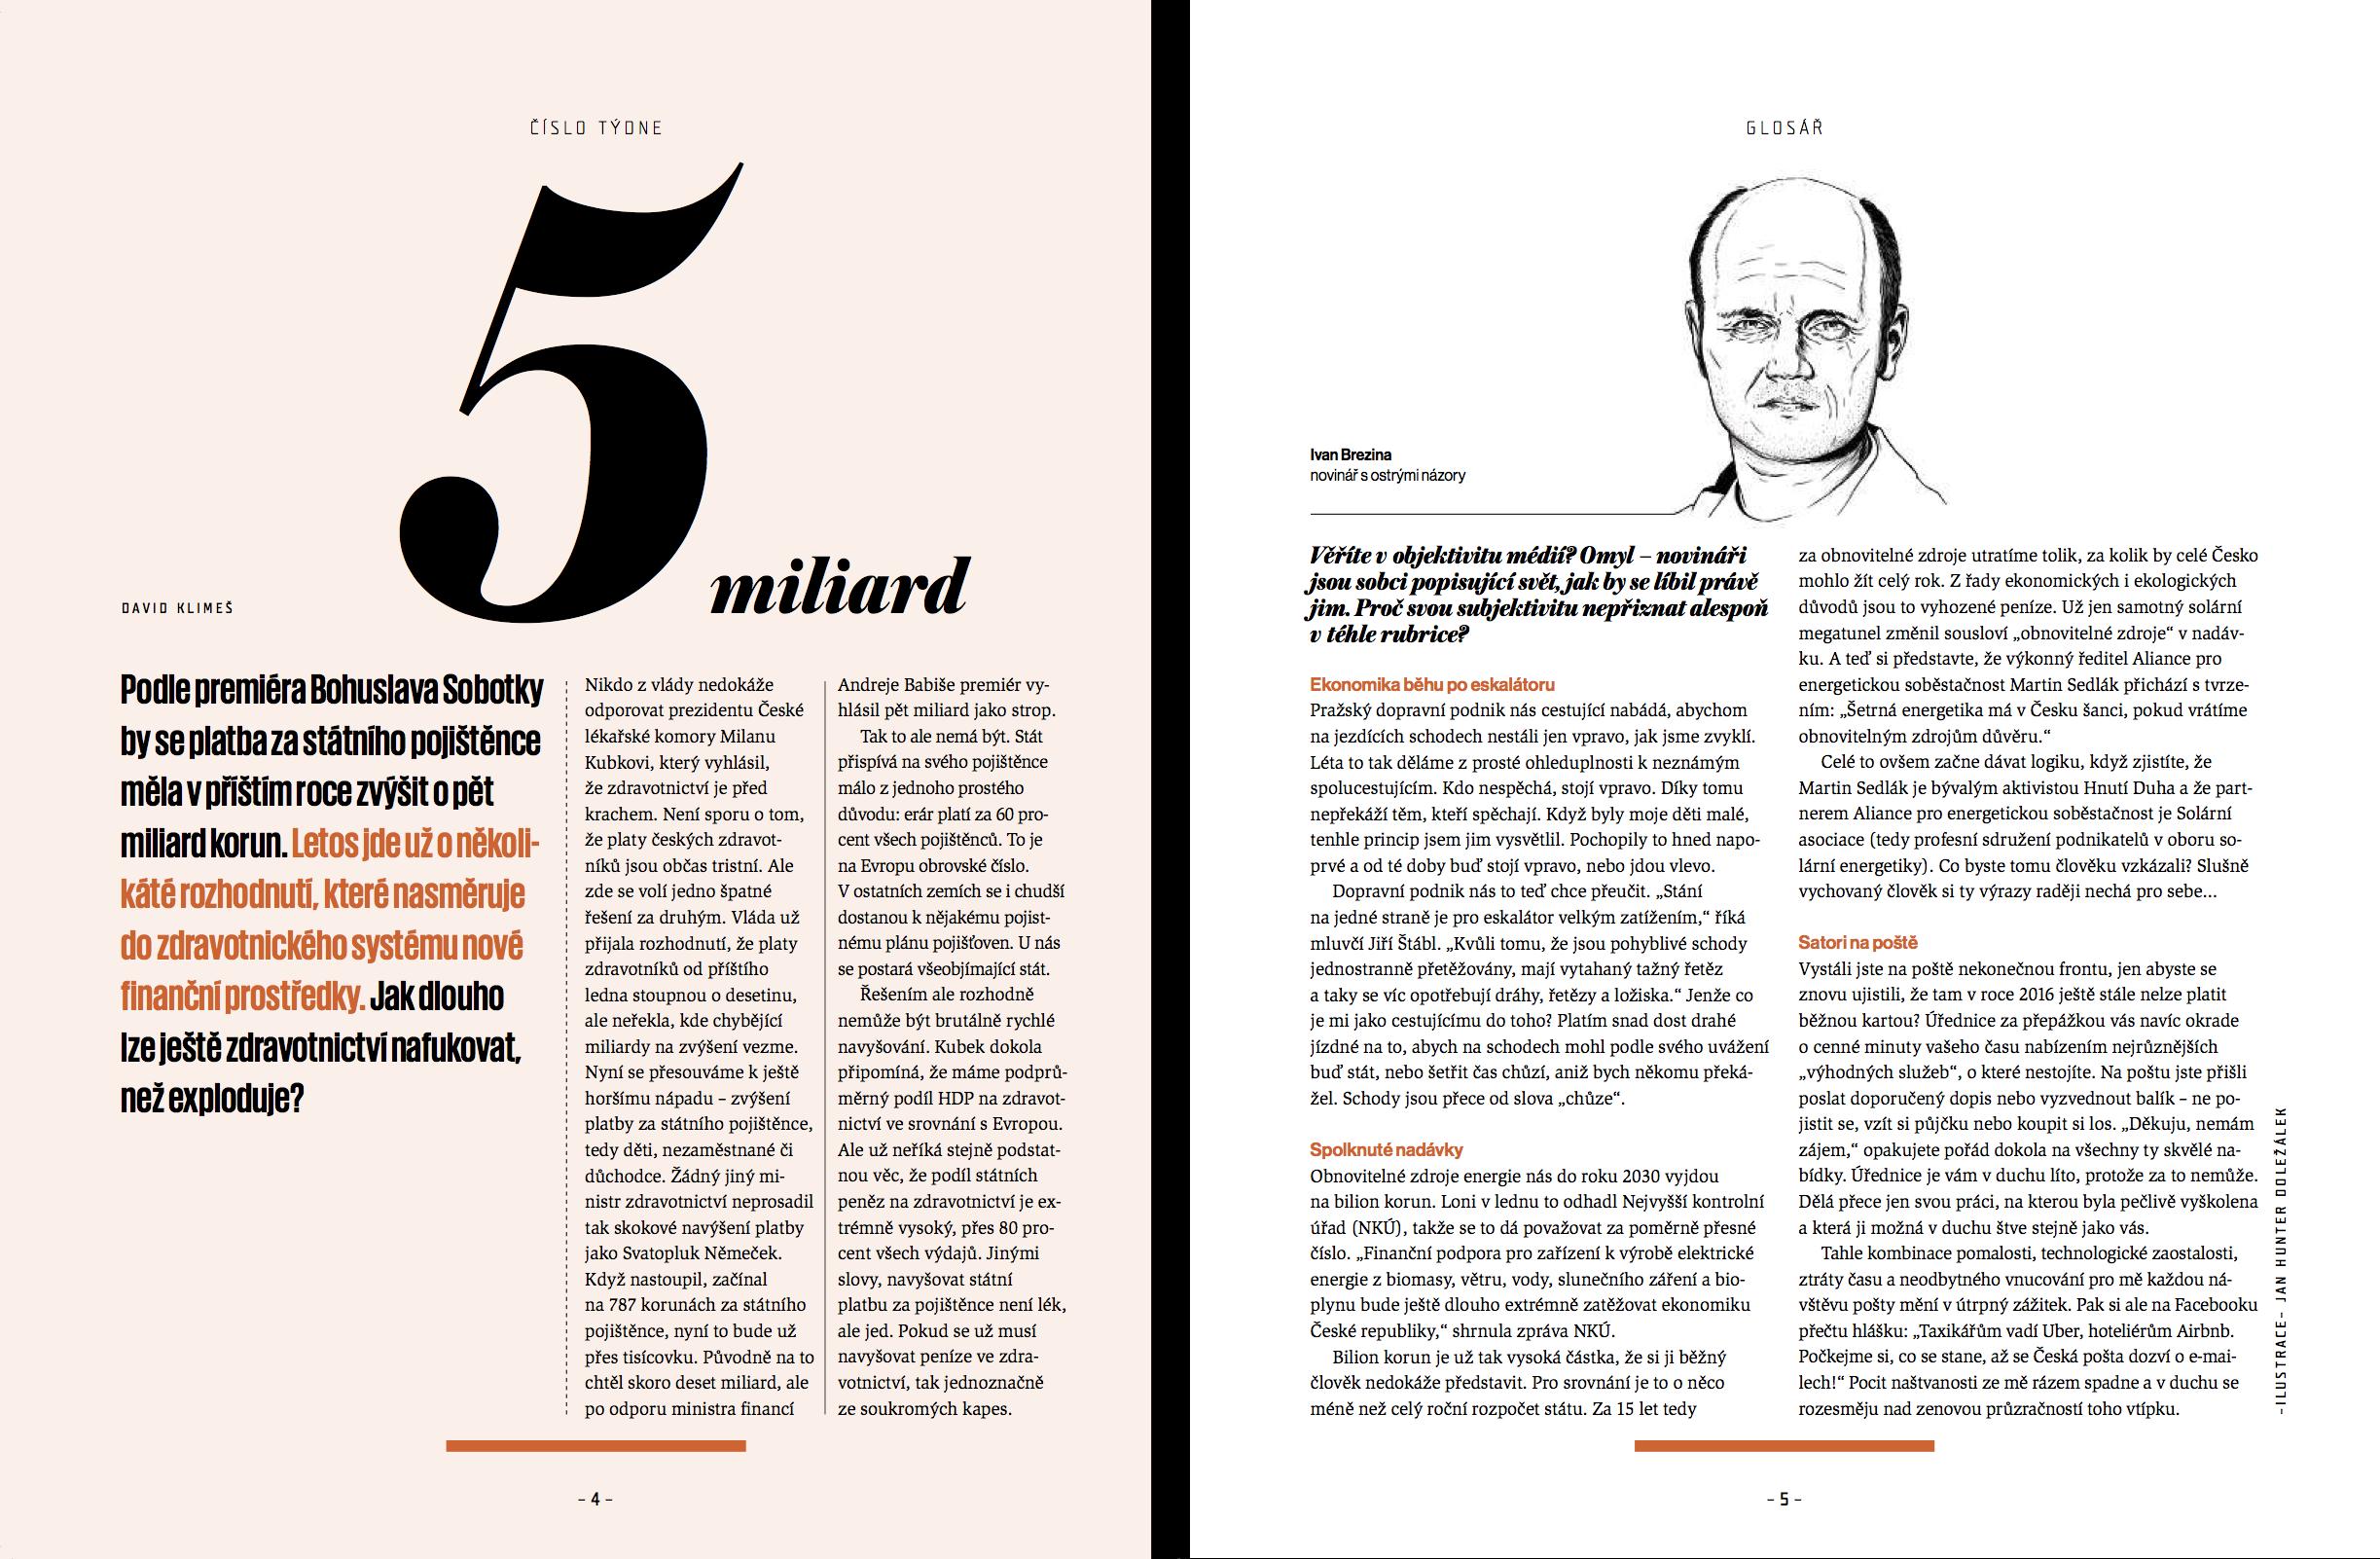 Nová podoba Ekonomu: glosář na straně 4 a 5